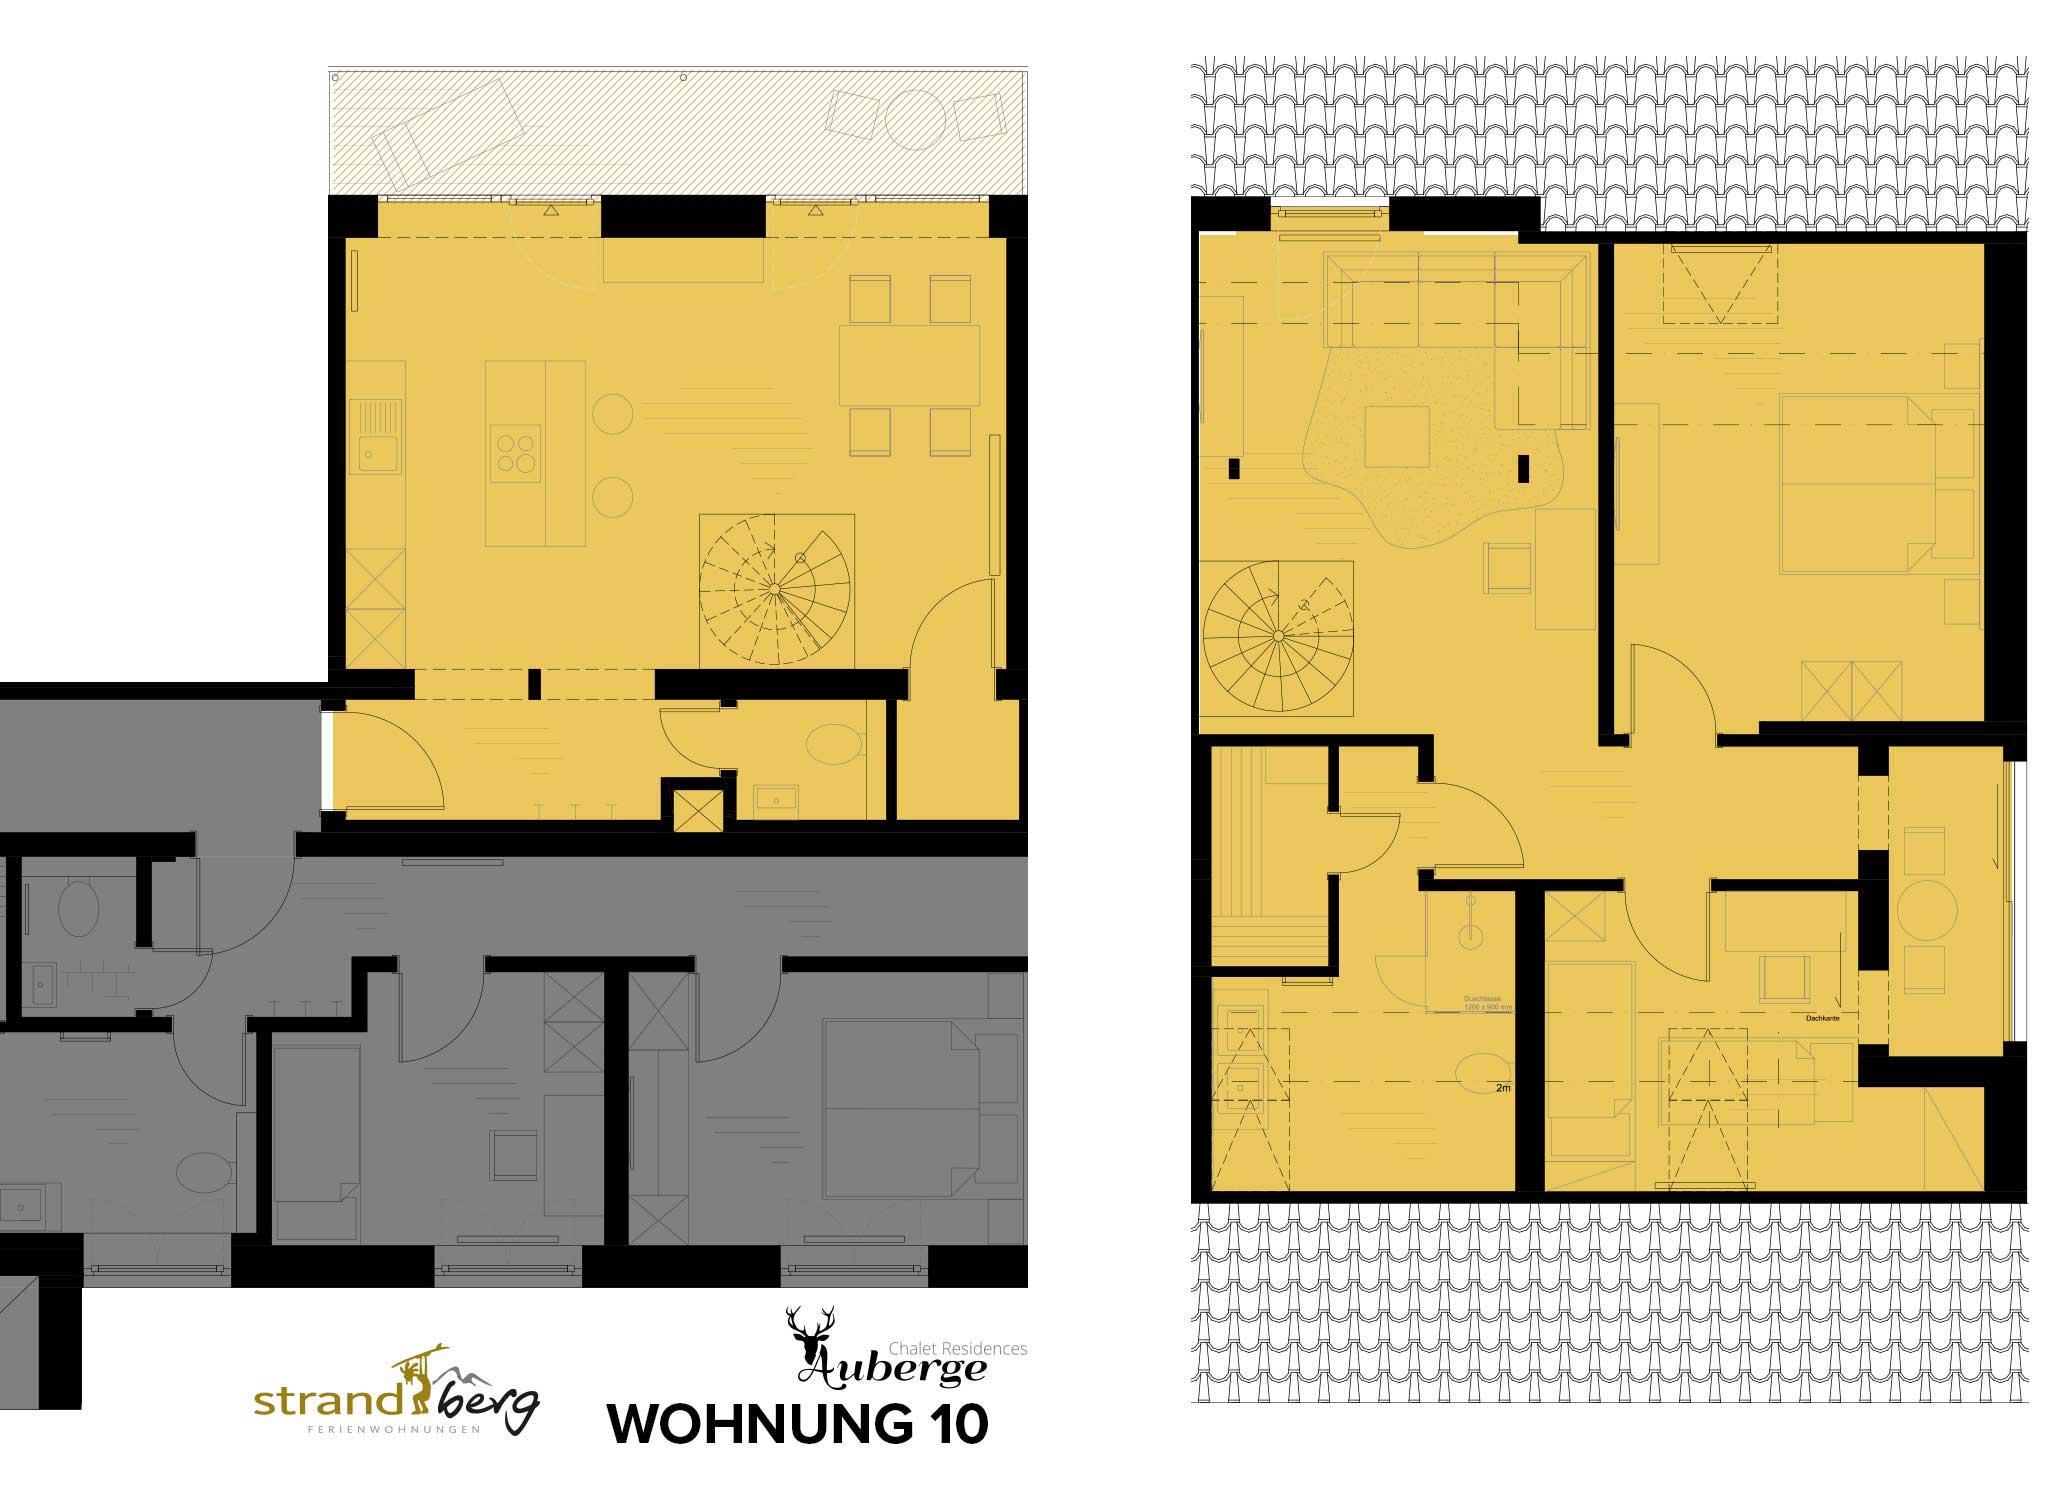 Wohnung 10 Grundriss